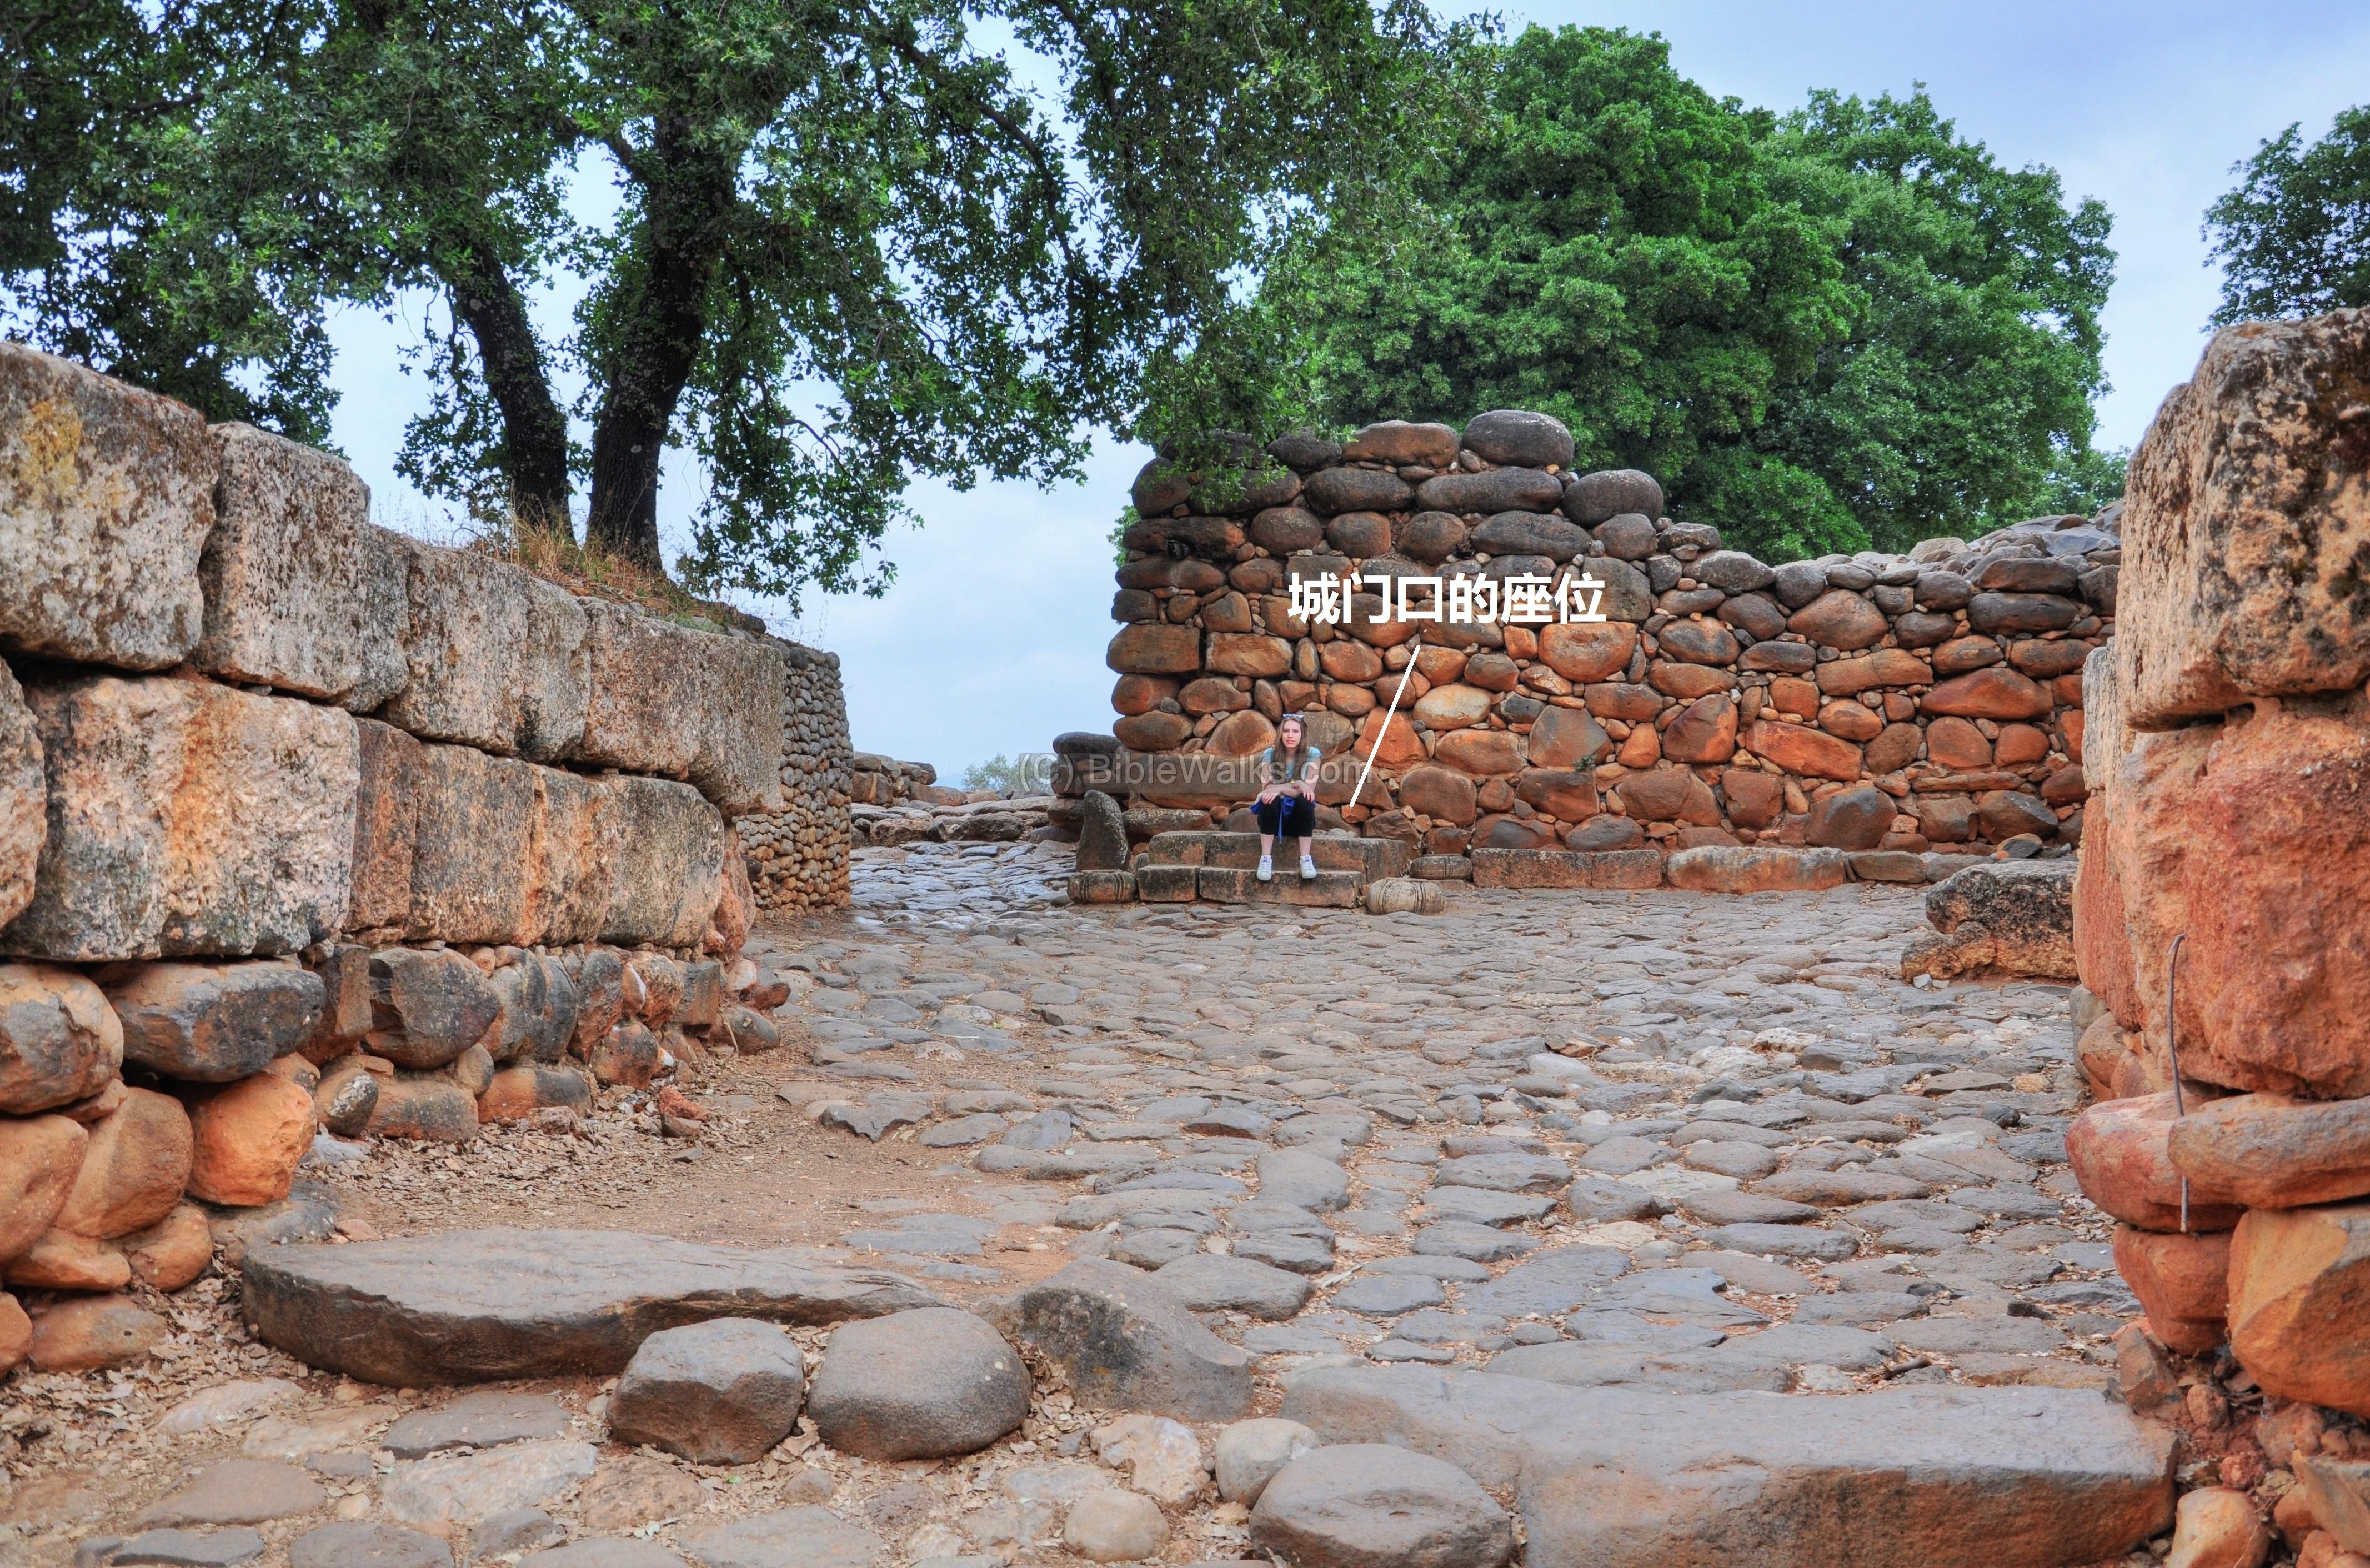 上图:但城遗址(Tel Dan)城门口的座位,用于礼仪、诉讼。